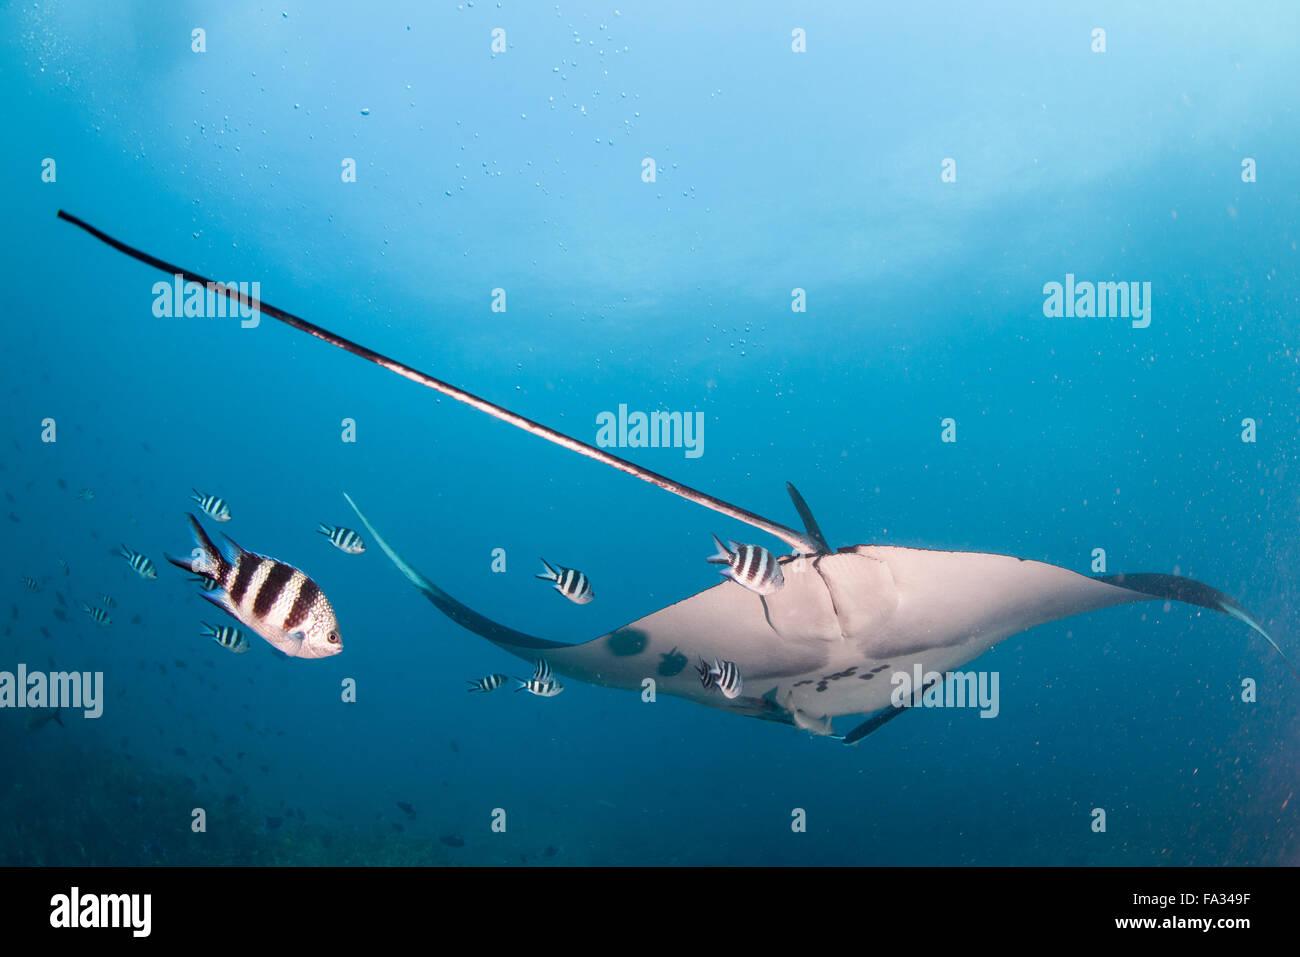 A tail shot of a manta ray - Stock Image